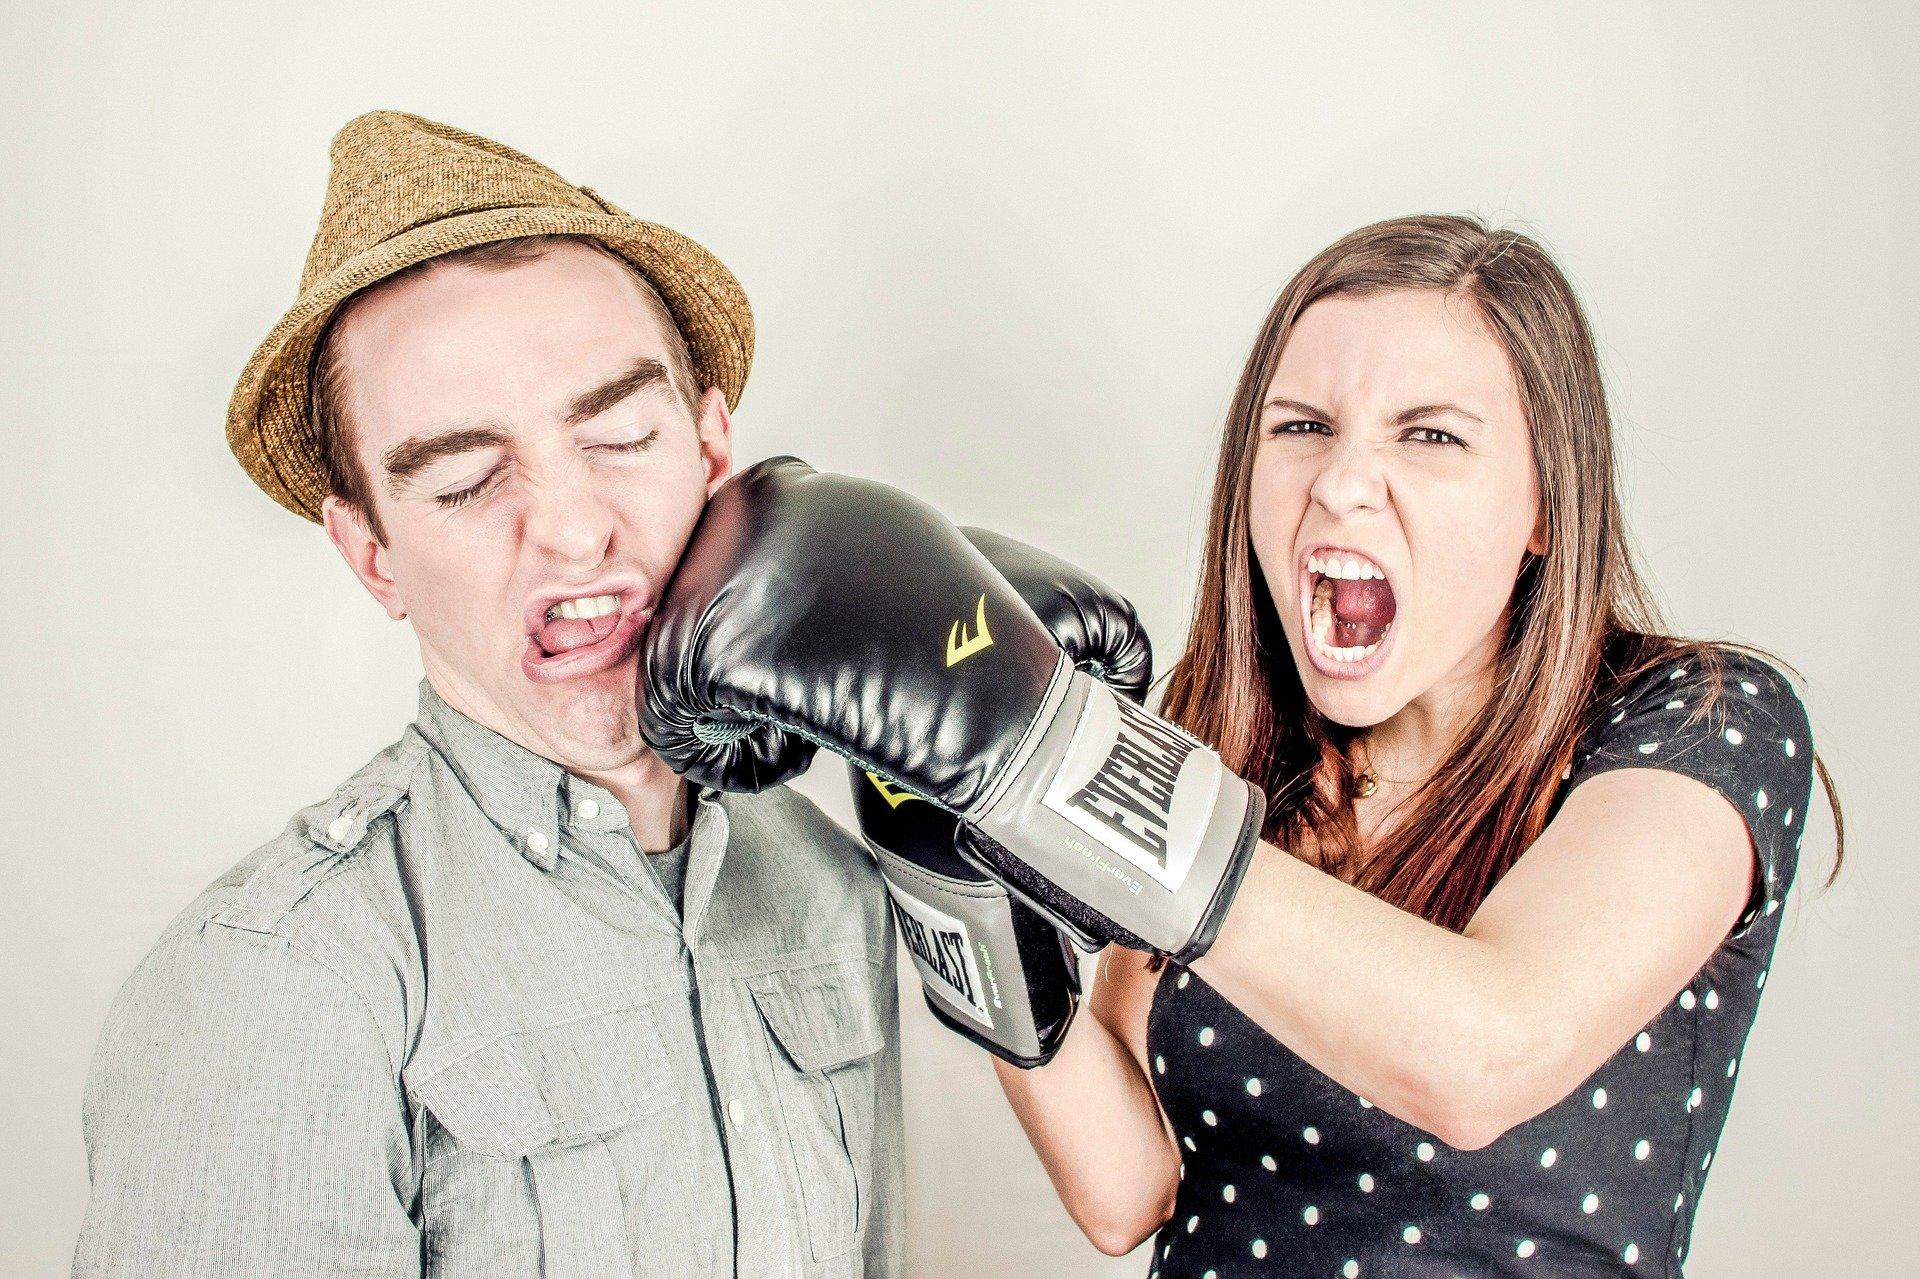 女性にボクシンググローブで殴られている男性